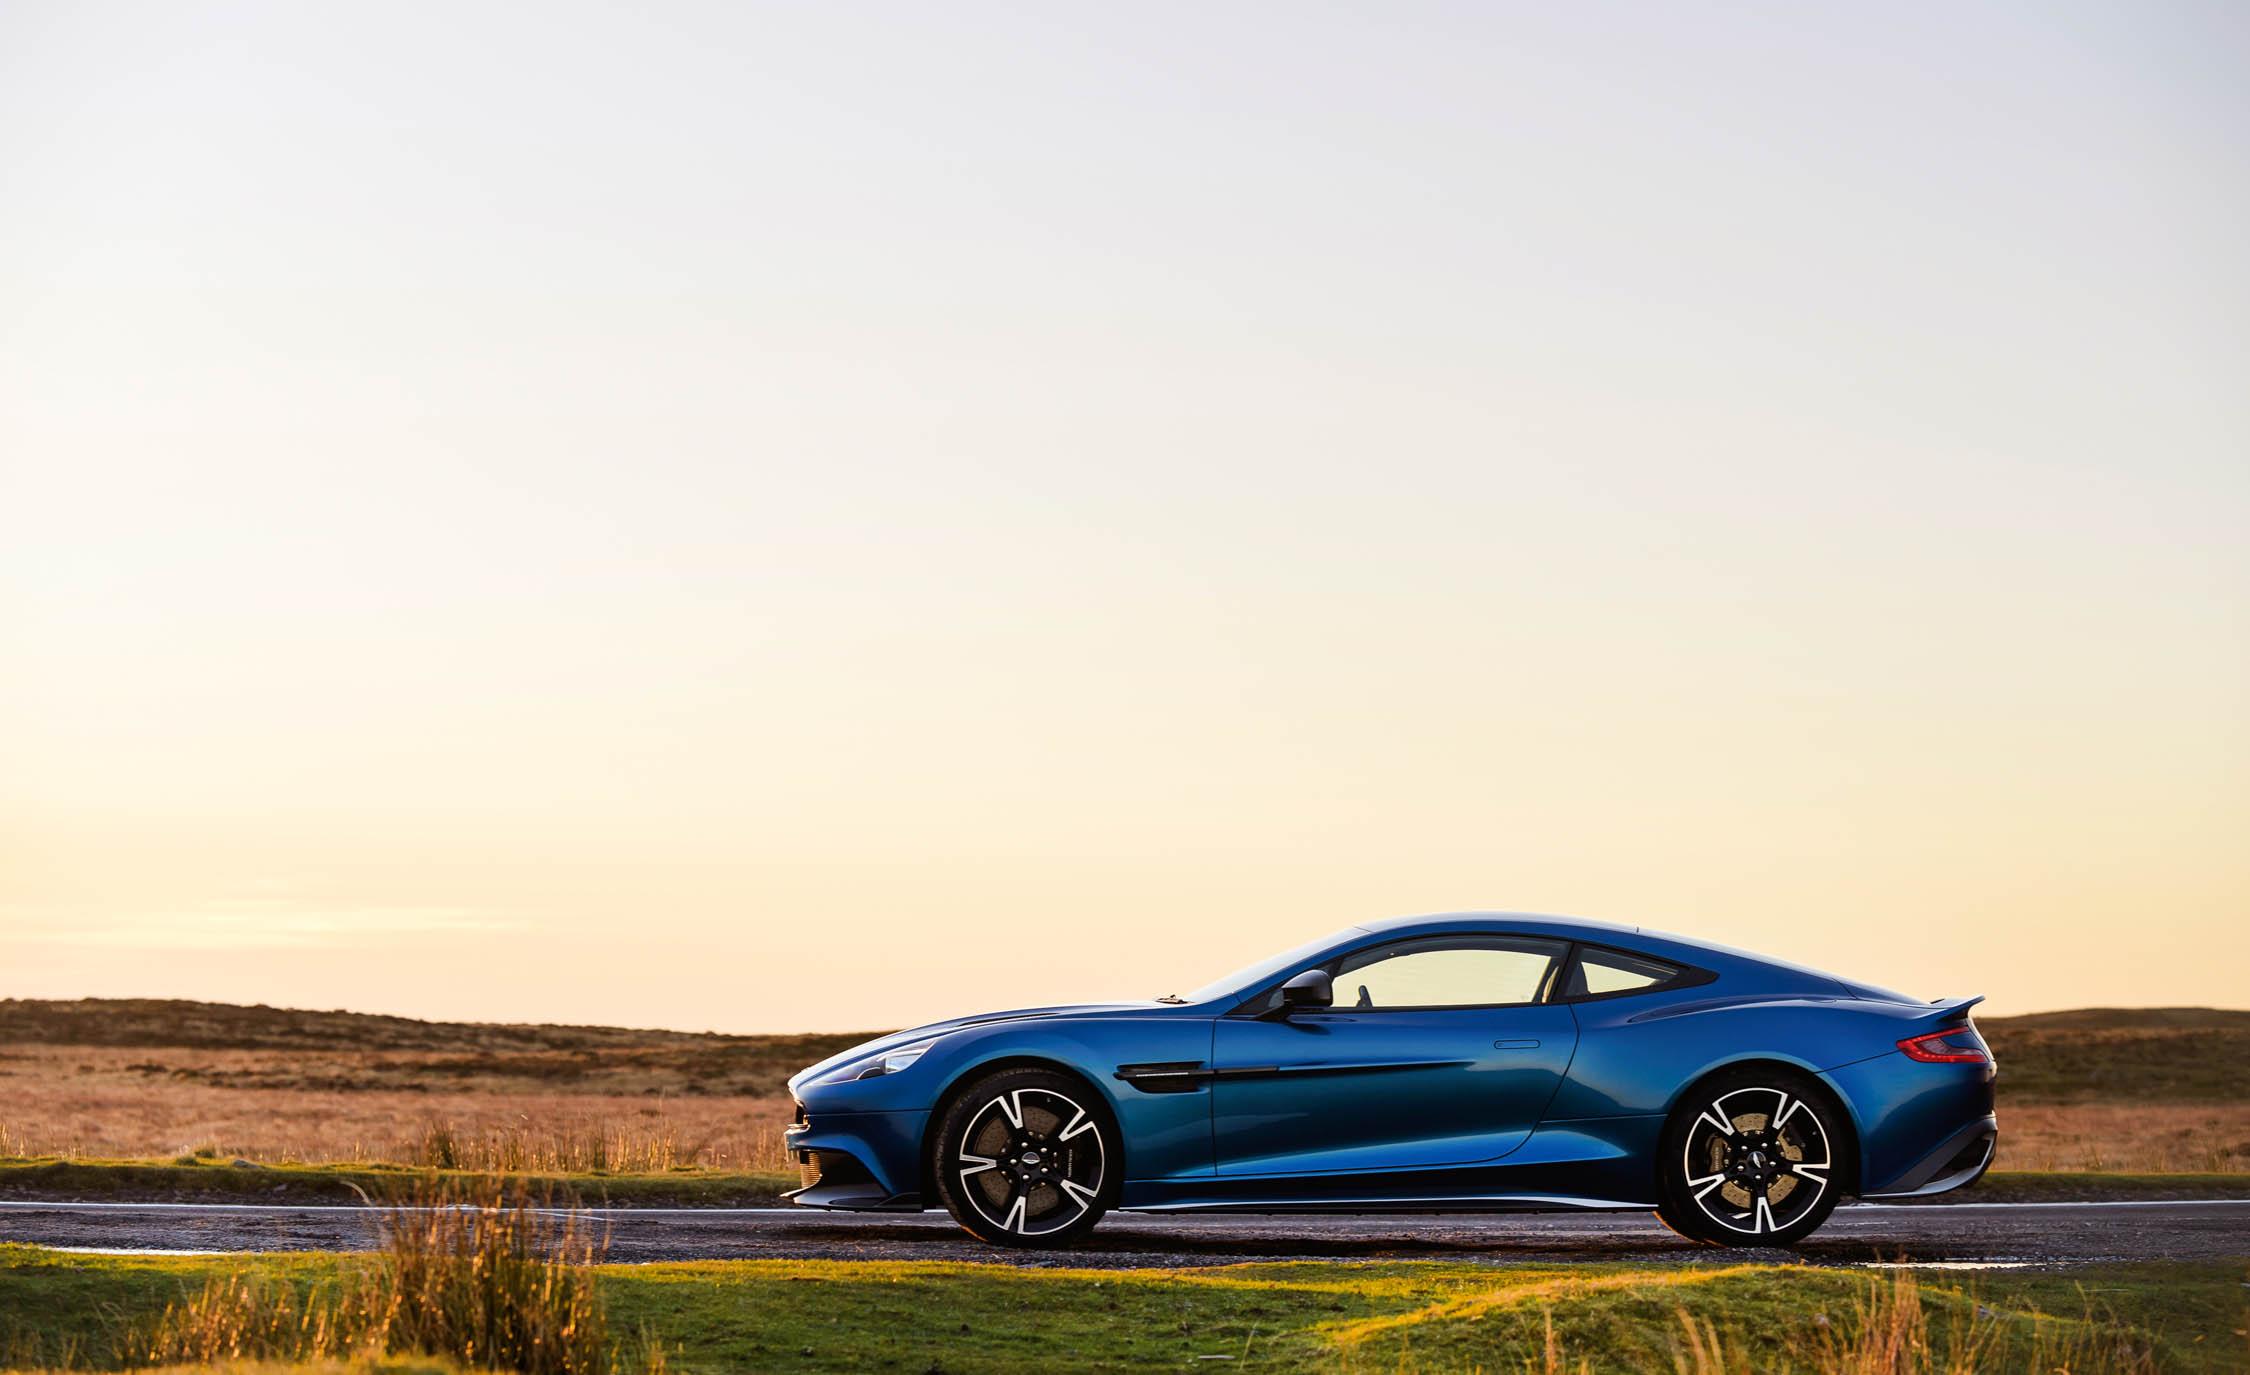 2017 Aston Martin Vanquish S (View 2 of 30)